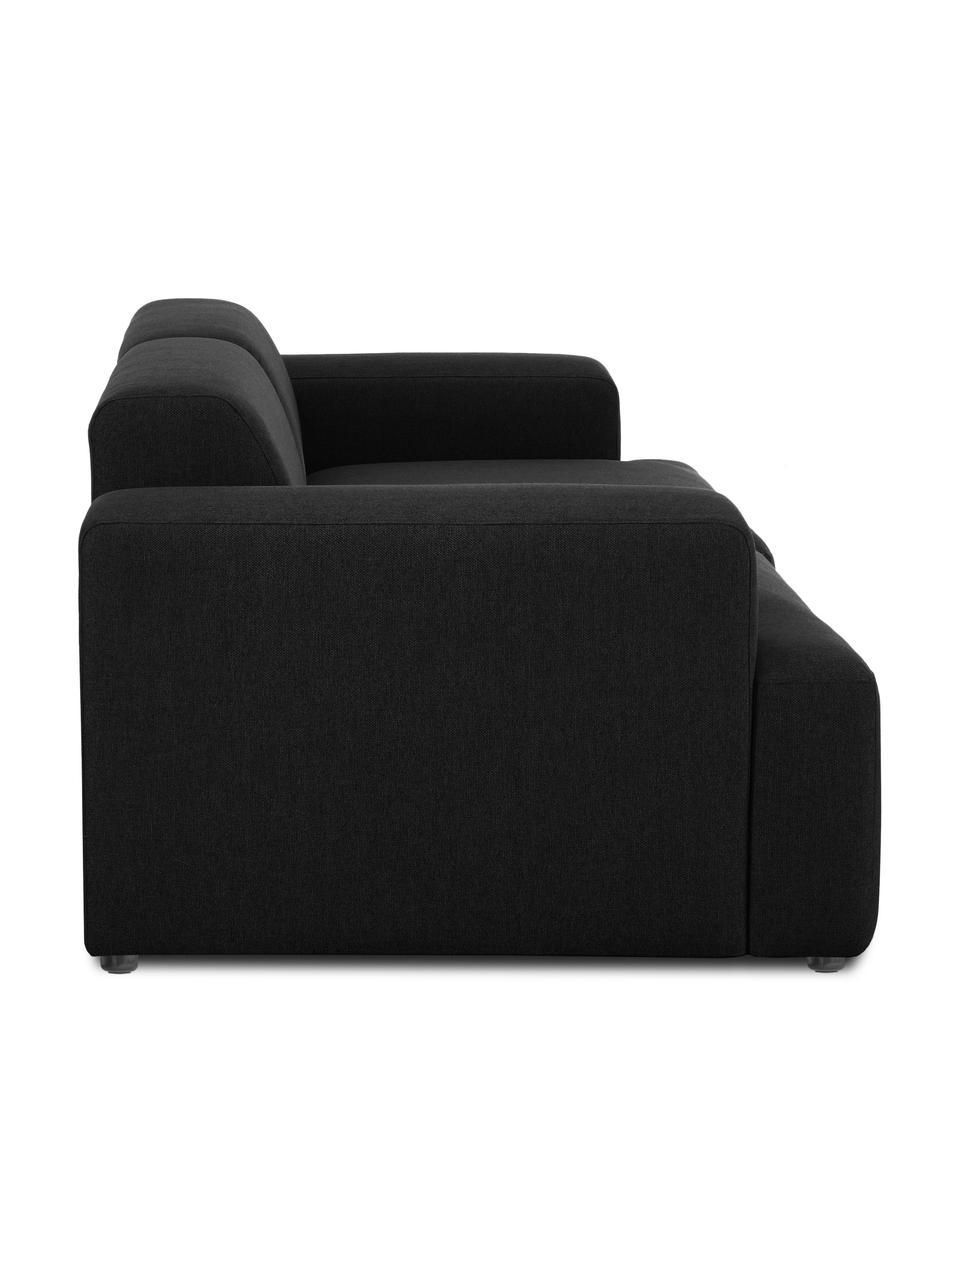 Bank Melva (3-zits) in zwart, Bekleding: 100% polyester De bekledi, Frame: massief grenenhout, FSC-g, Poten: kunststof, Geweven stof zwart, 238 x 101 cm